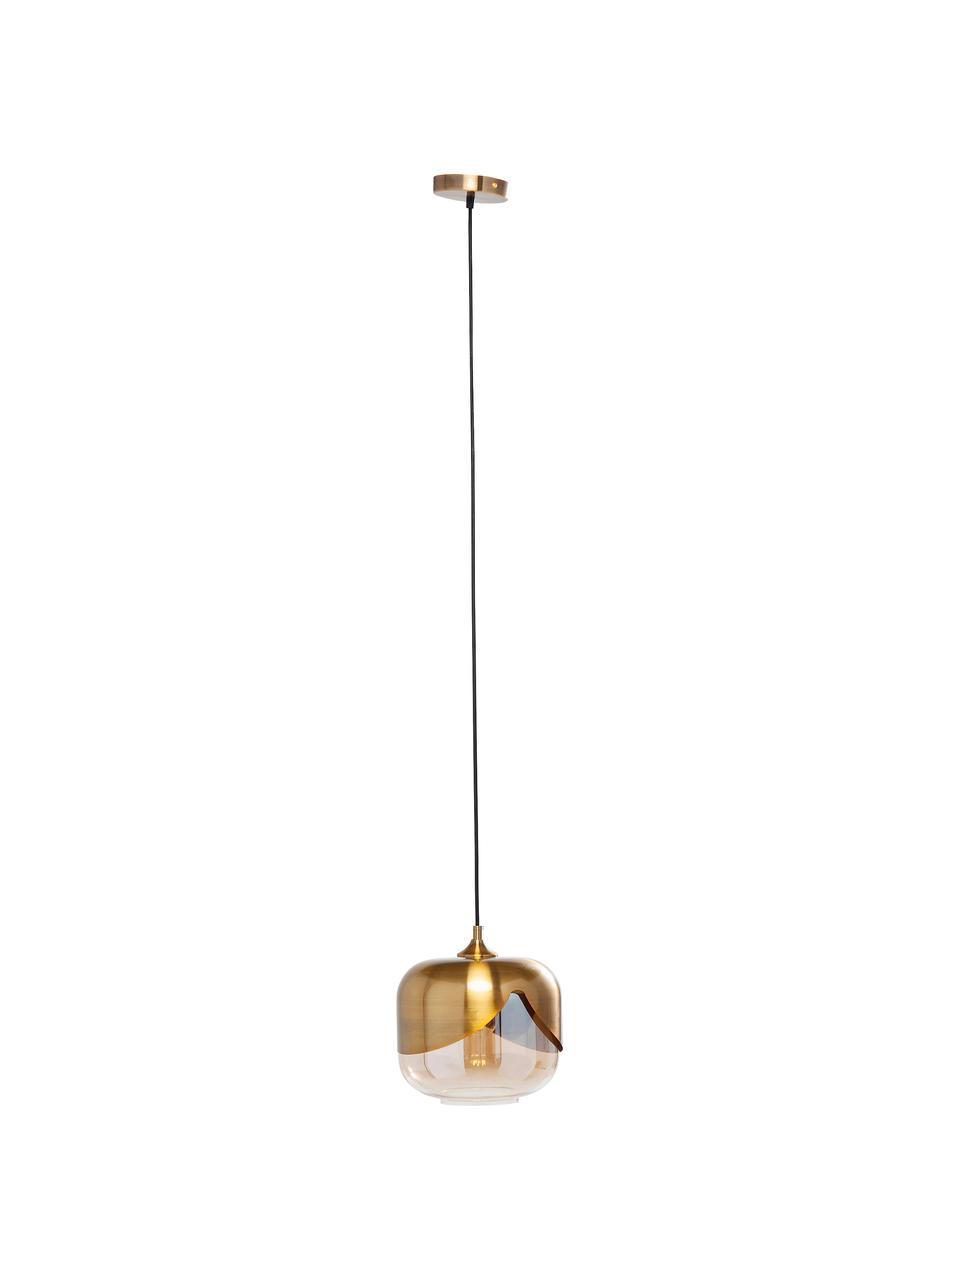 Kleine Pendelleuchte Golden Goblet aus Glas, Baldachin: Metall, vermessingt, Messing, Ø 25 cm